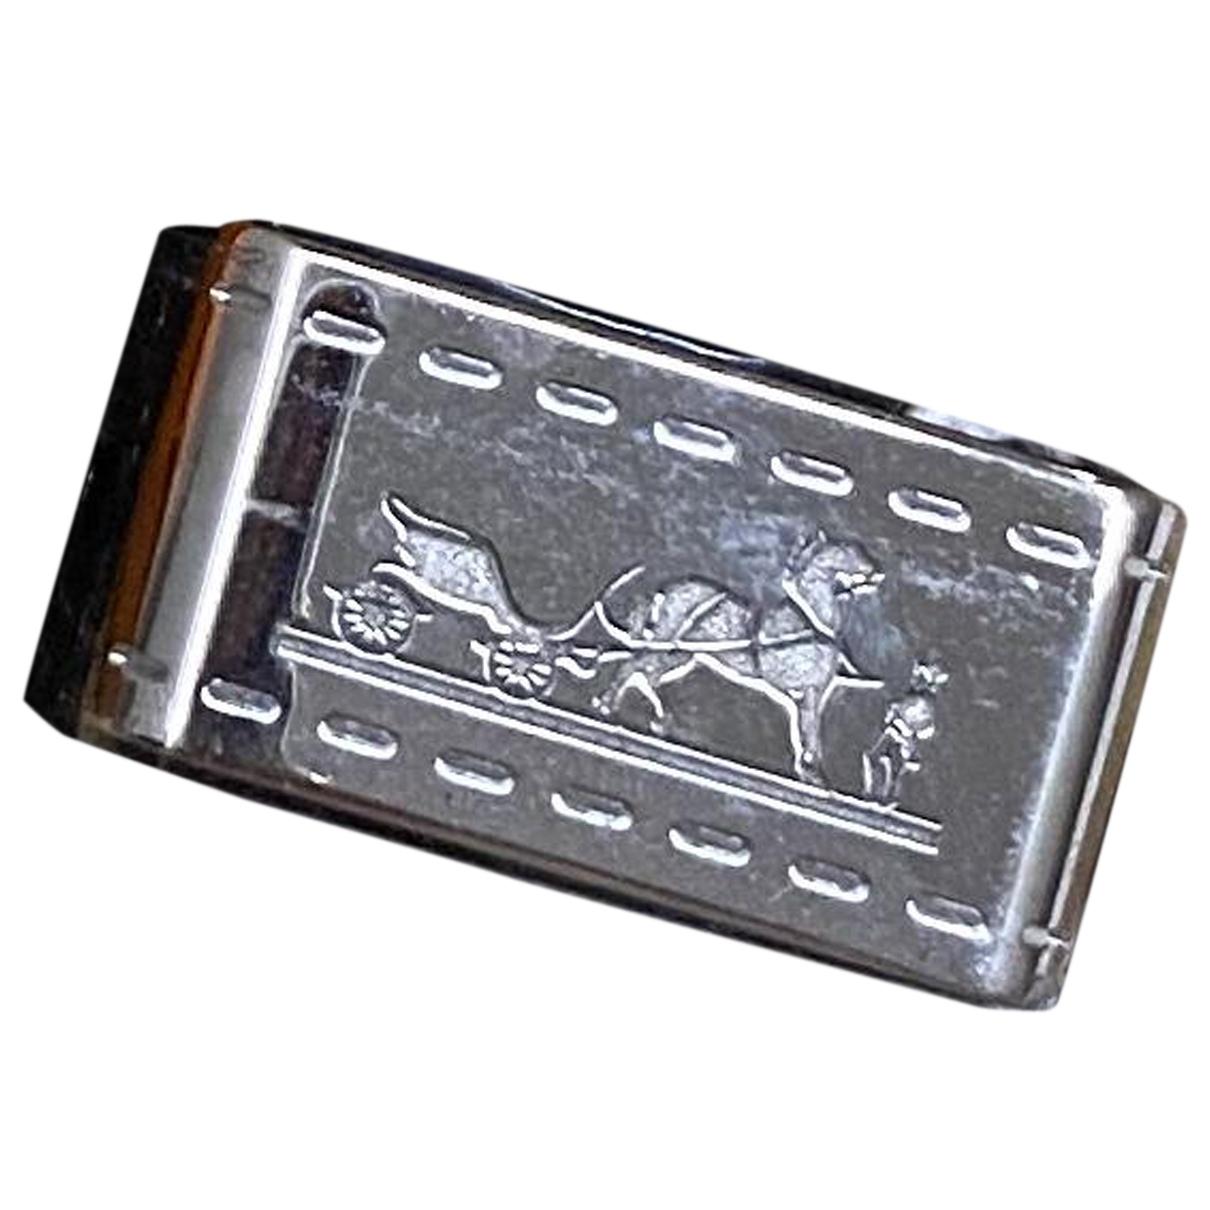 Hermes \N Ring in  Silber Stahl